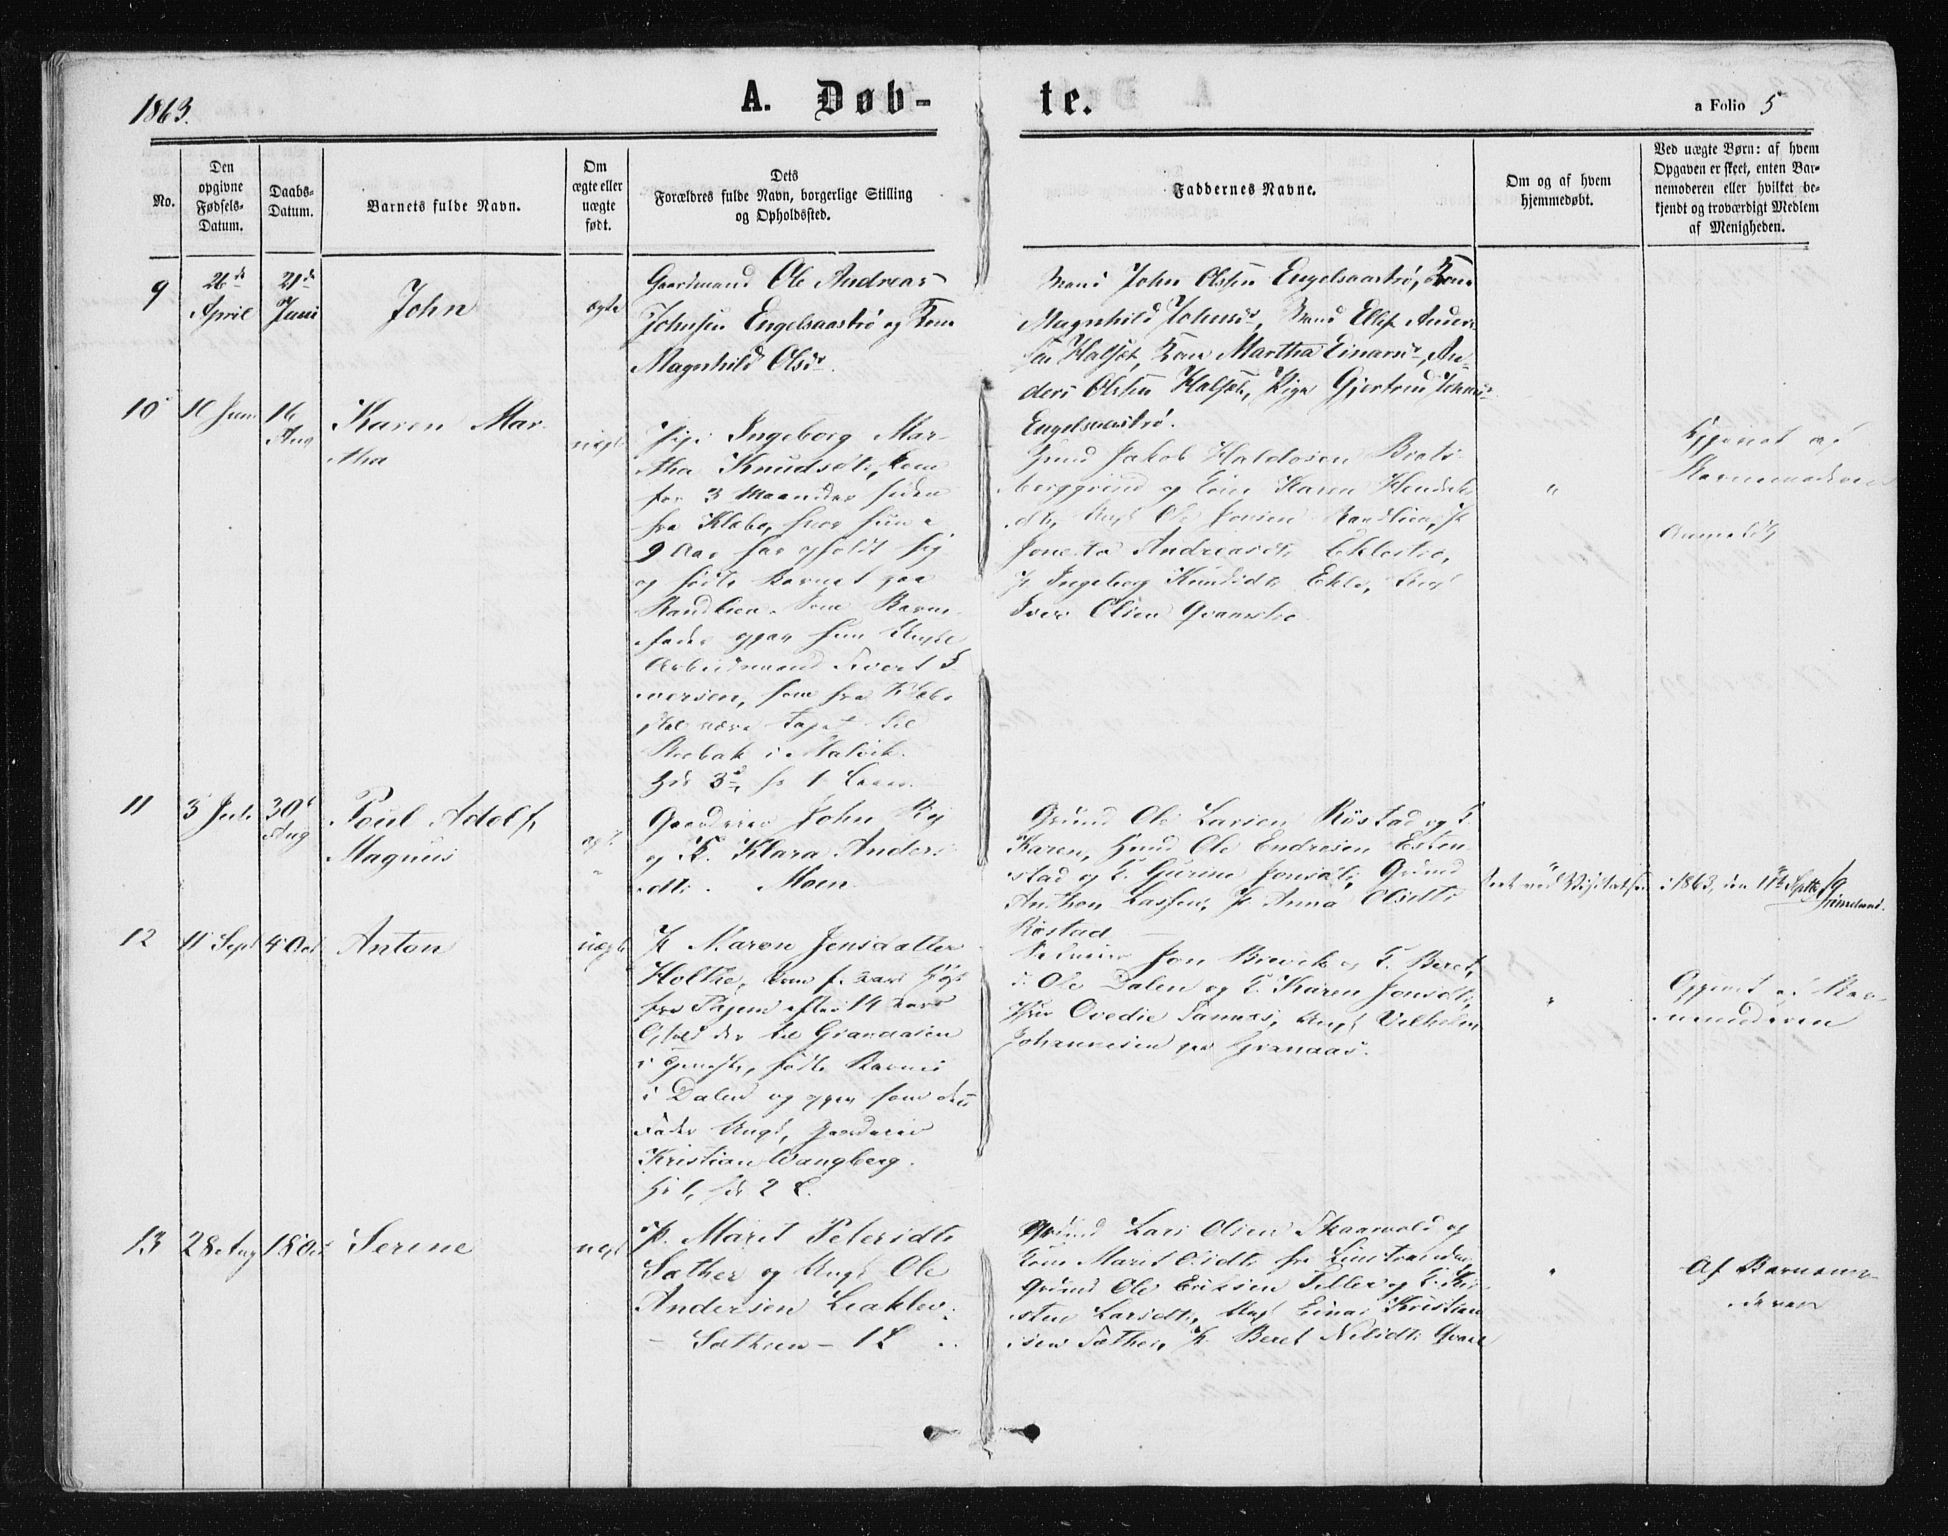 SAT, Ministerialprotokoller, klokkerbøker og fødselsregistre - Sør-Trøndelag, 608/L0333: Ministerialbok nr. 608A02, 1862-1876, s. 5